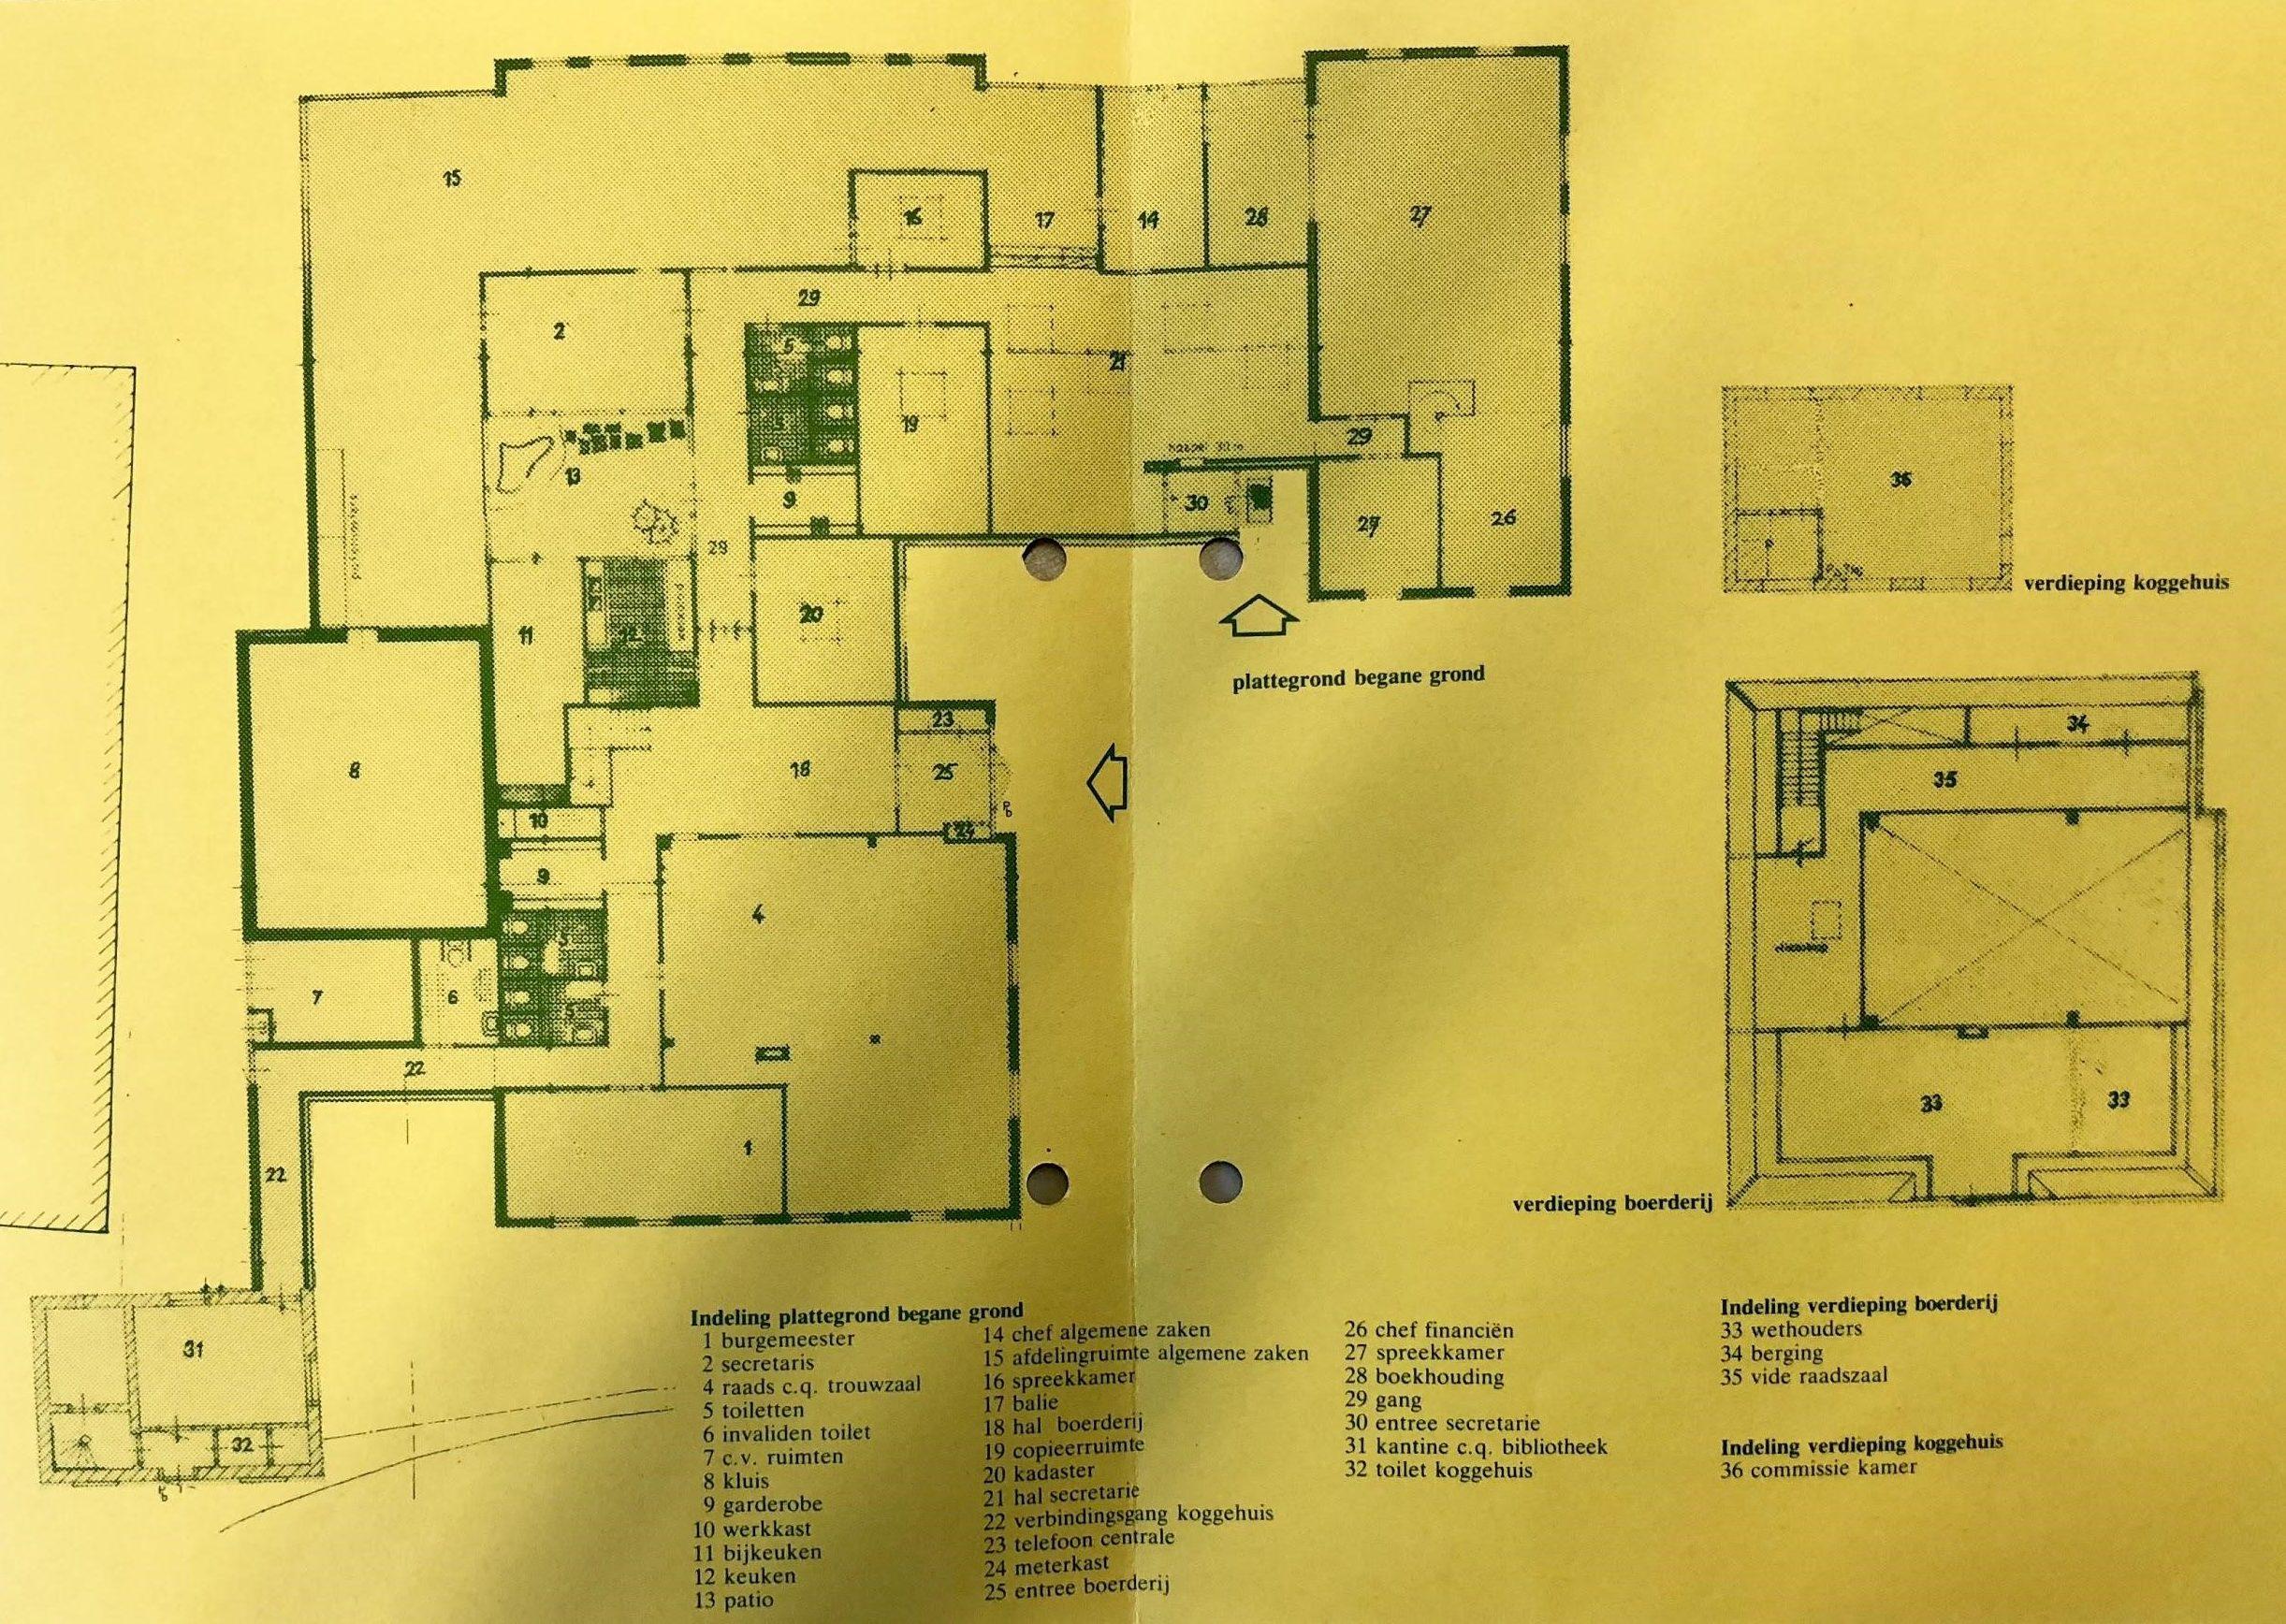 De plattegrond van het nieuwe gemeentehuis. Beeld: Westfries Archief.